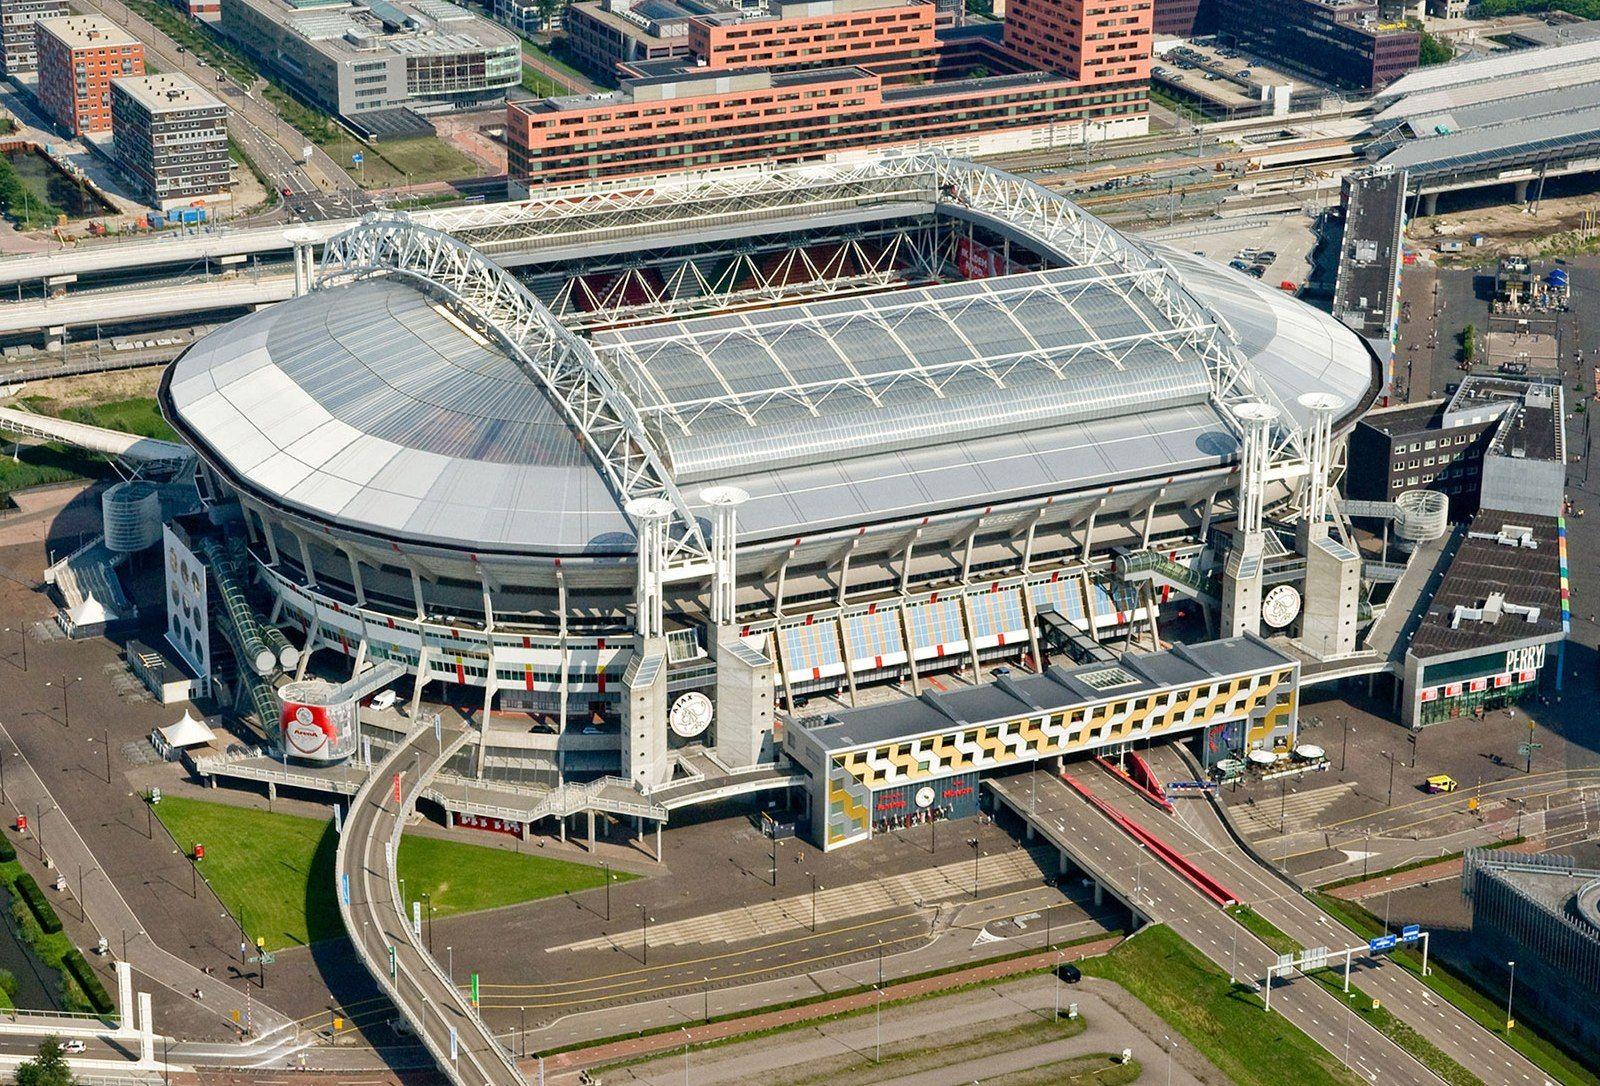 Amsterdam Arena Es Un Recinto Deportivo Ubicado En La Ciudad De Amsterdam Paises Bajos Destinado Principalmente Estadios Del Mundo Estadios Estadio Deportivo